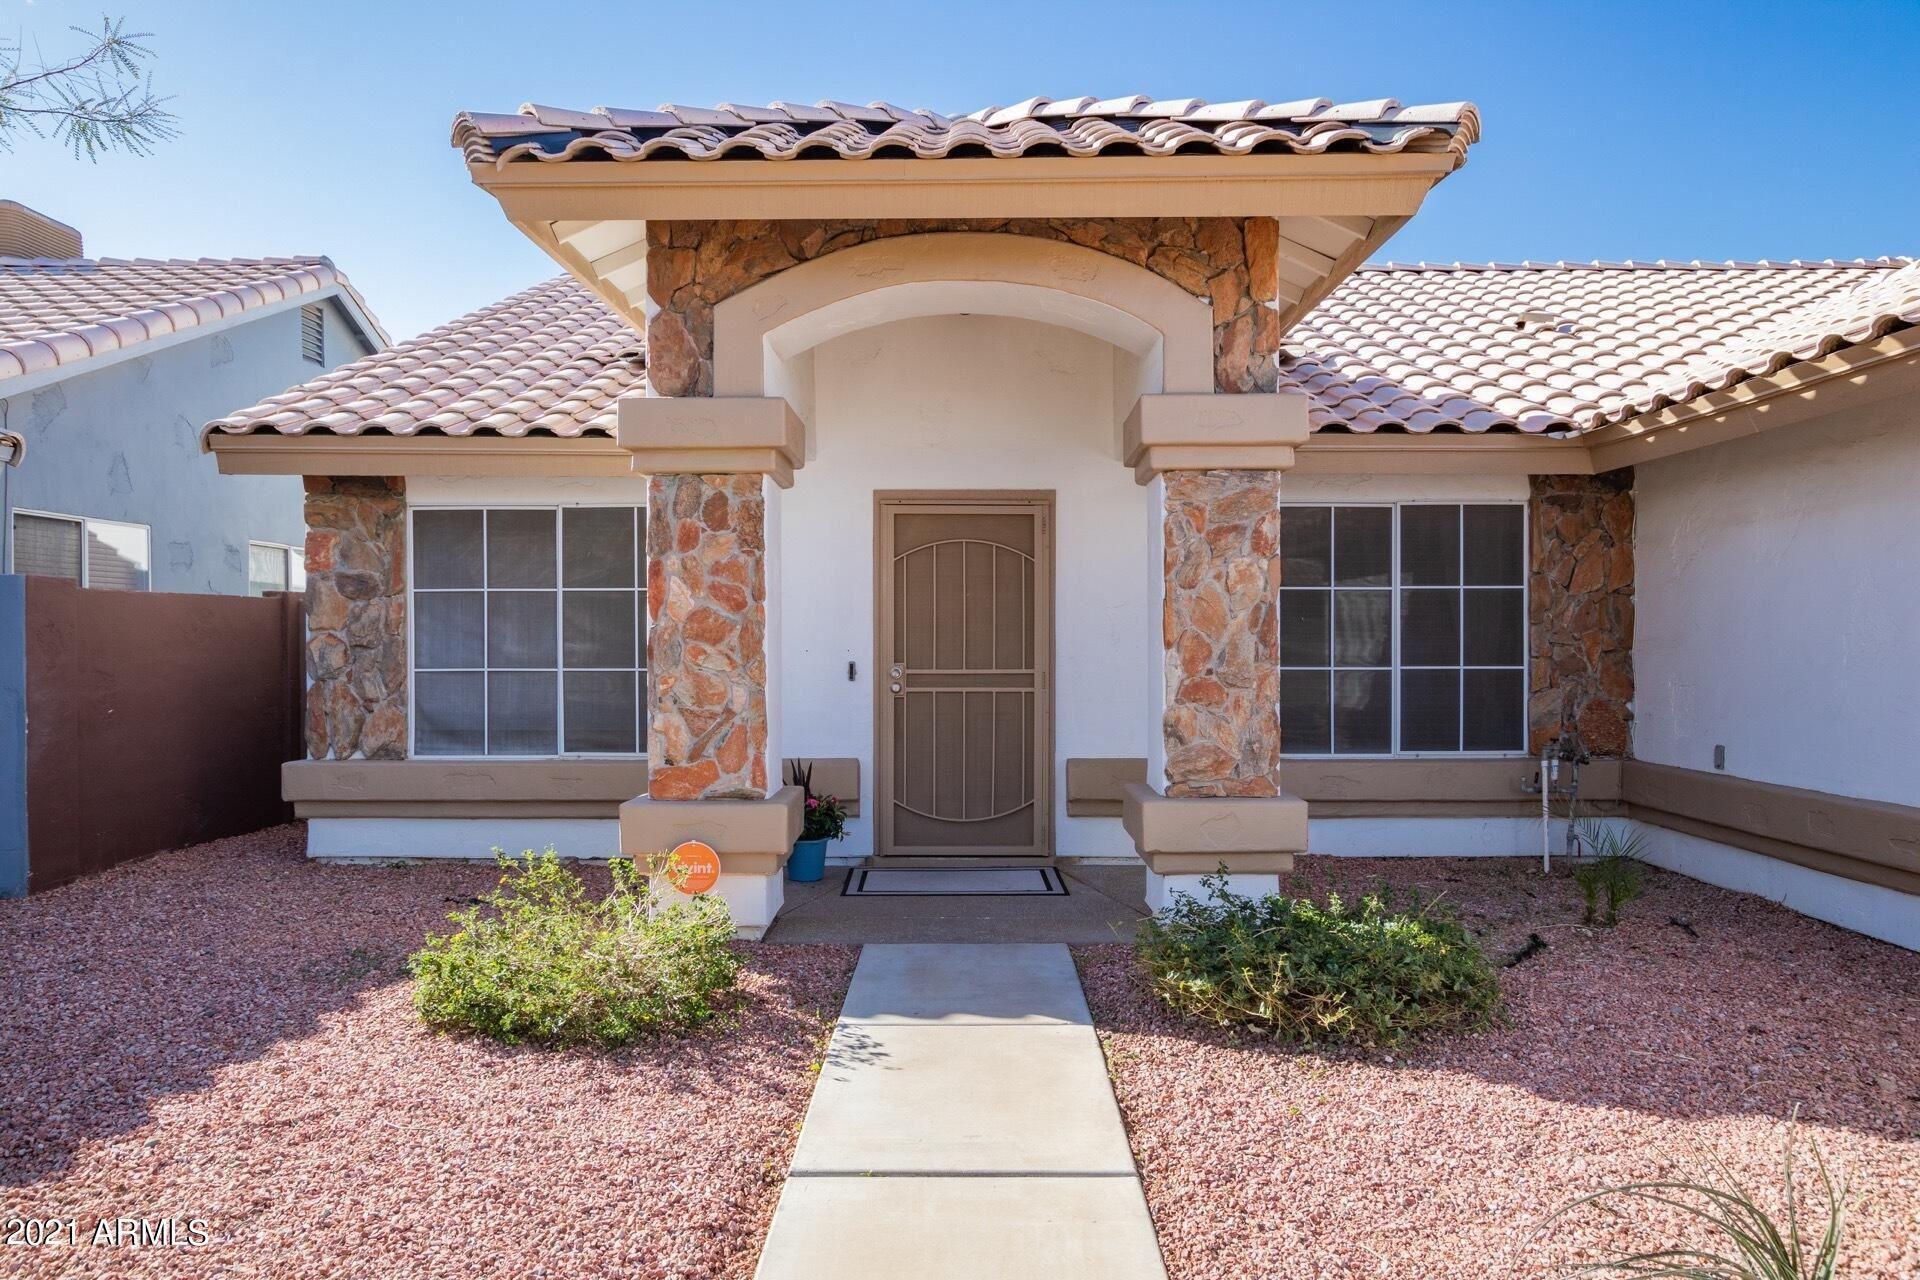 Photo of 1323 W VILLA THERESA Drive, Phoenix, AZ 85023 (MLS # 6202632)